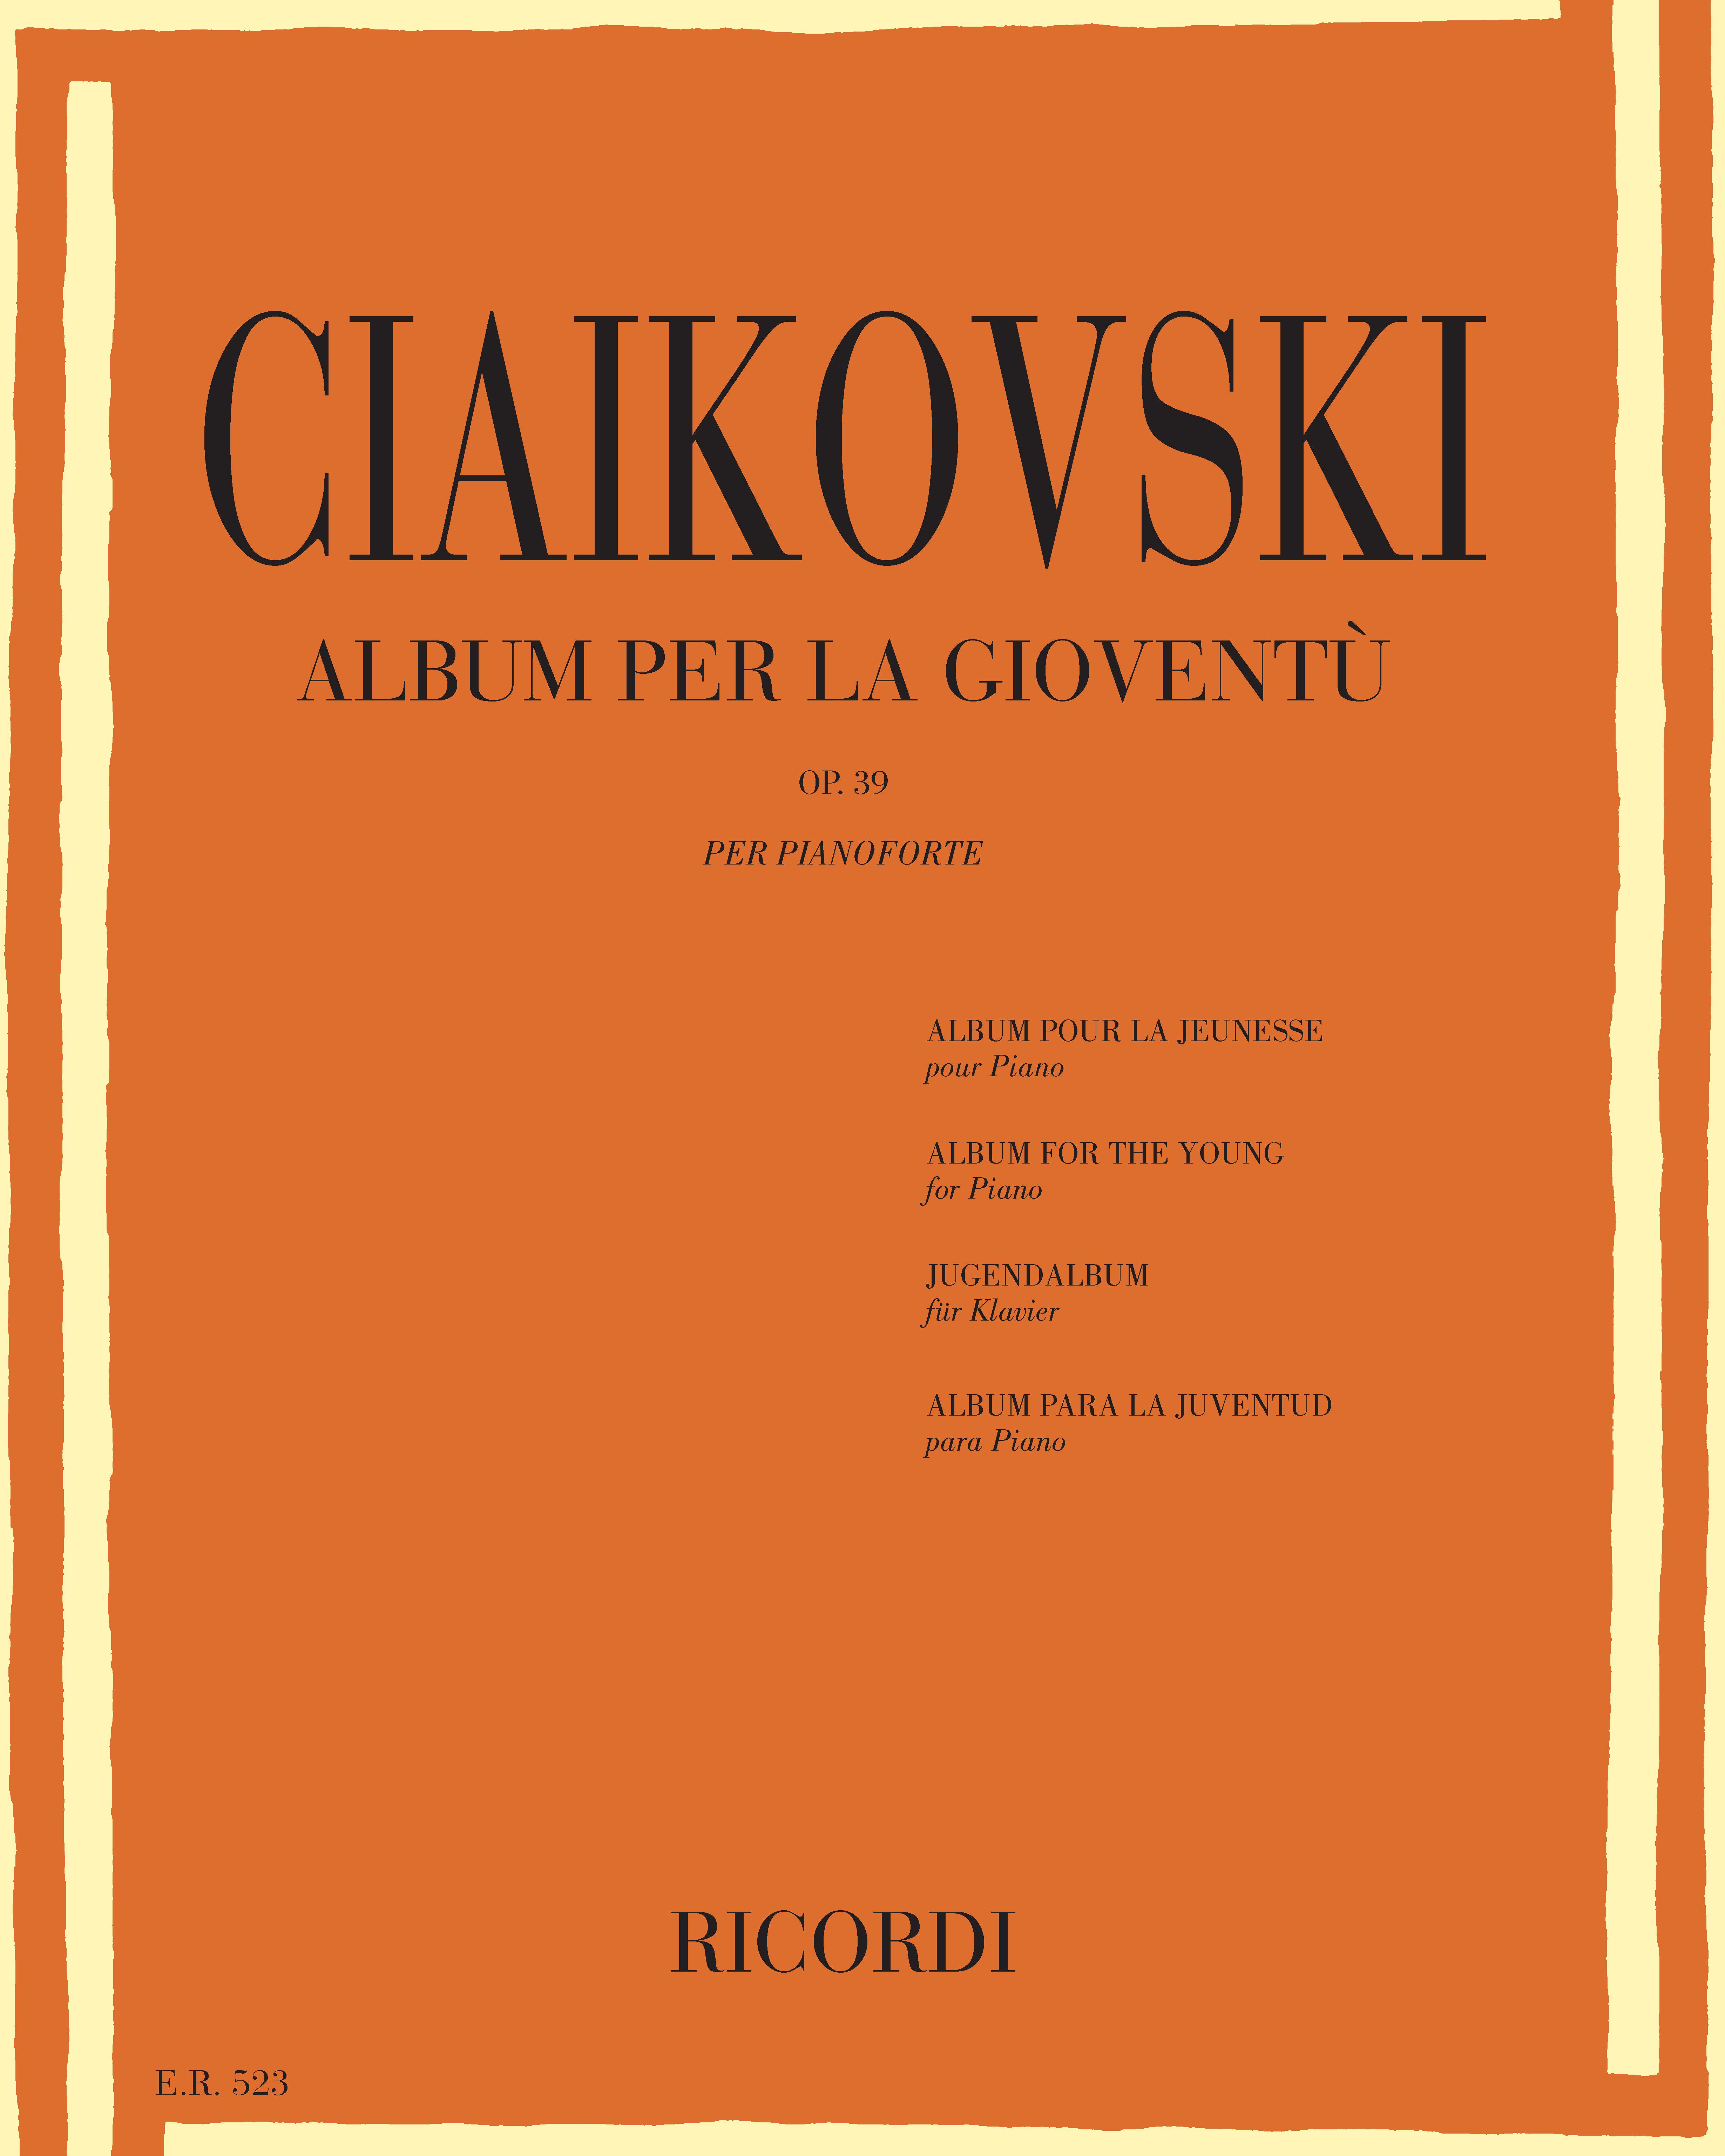 Album per la gioventù Op. 39